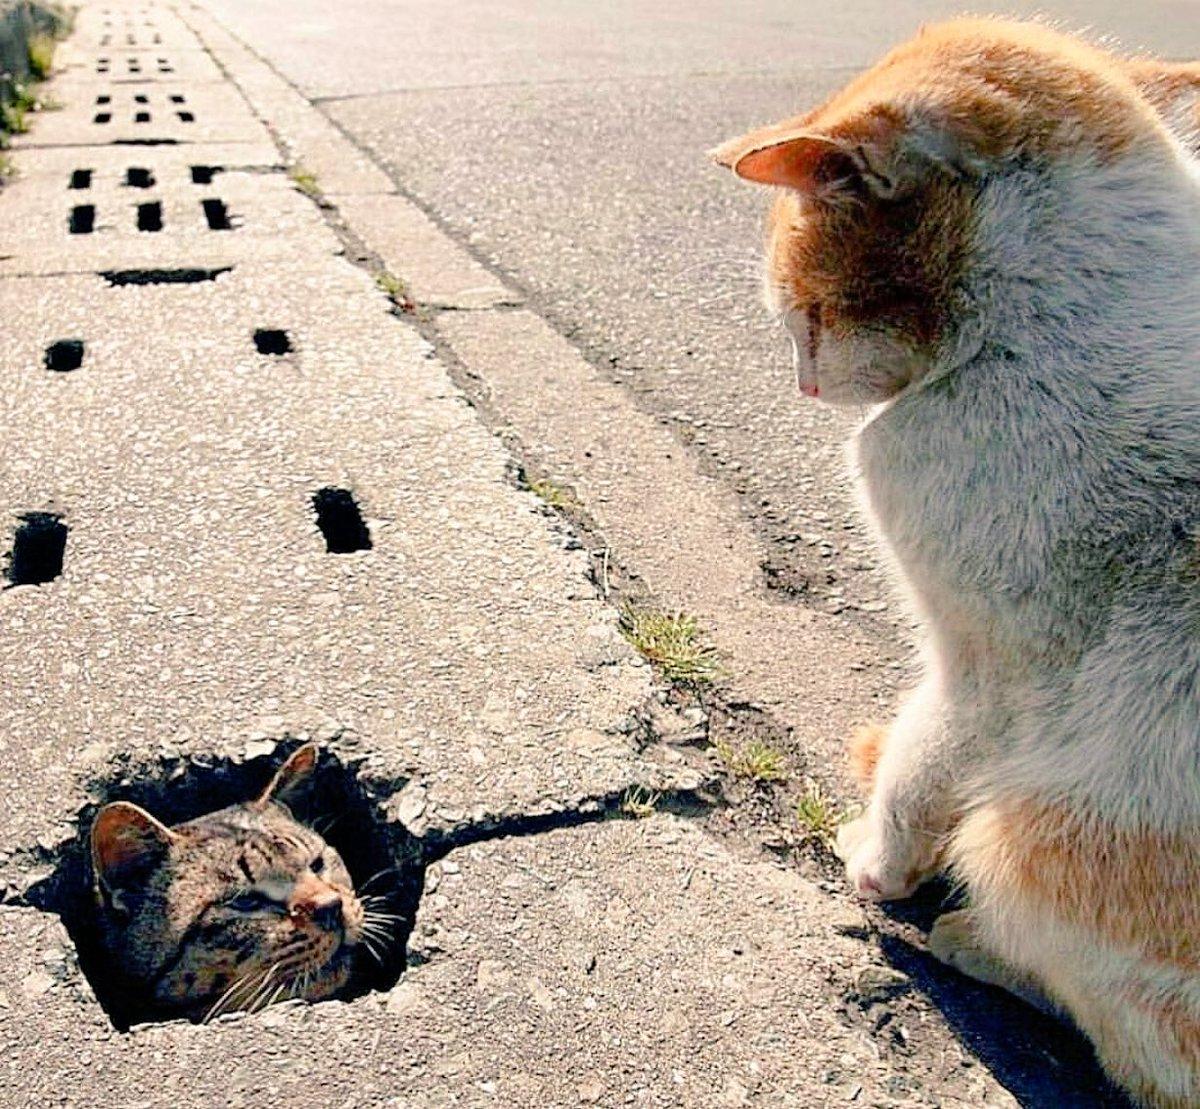 الوسم #minecraftcat على تويتر